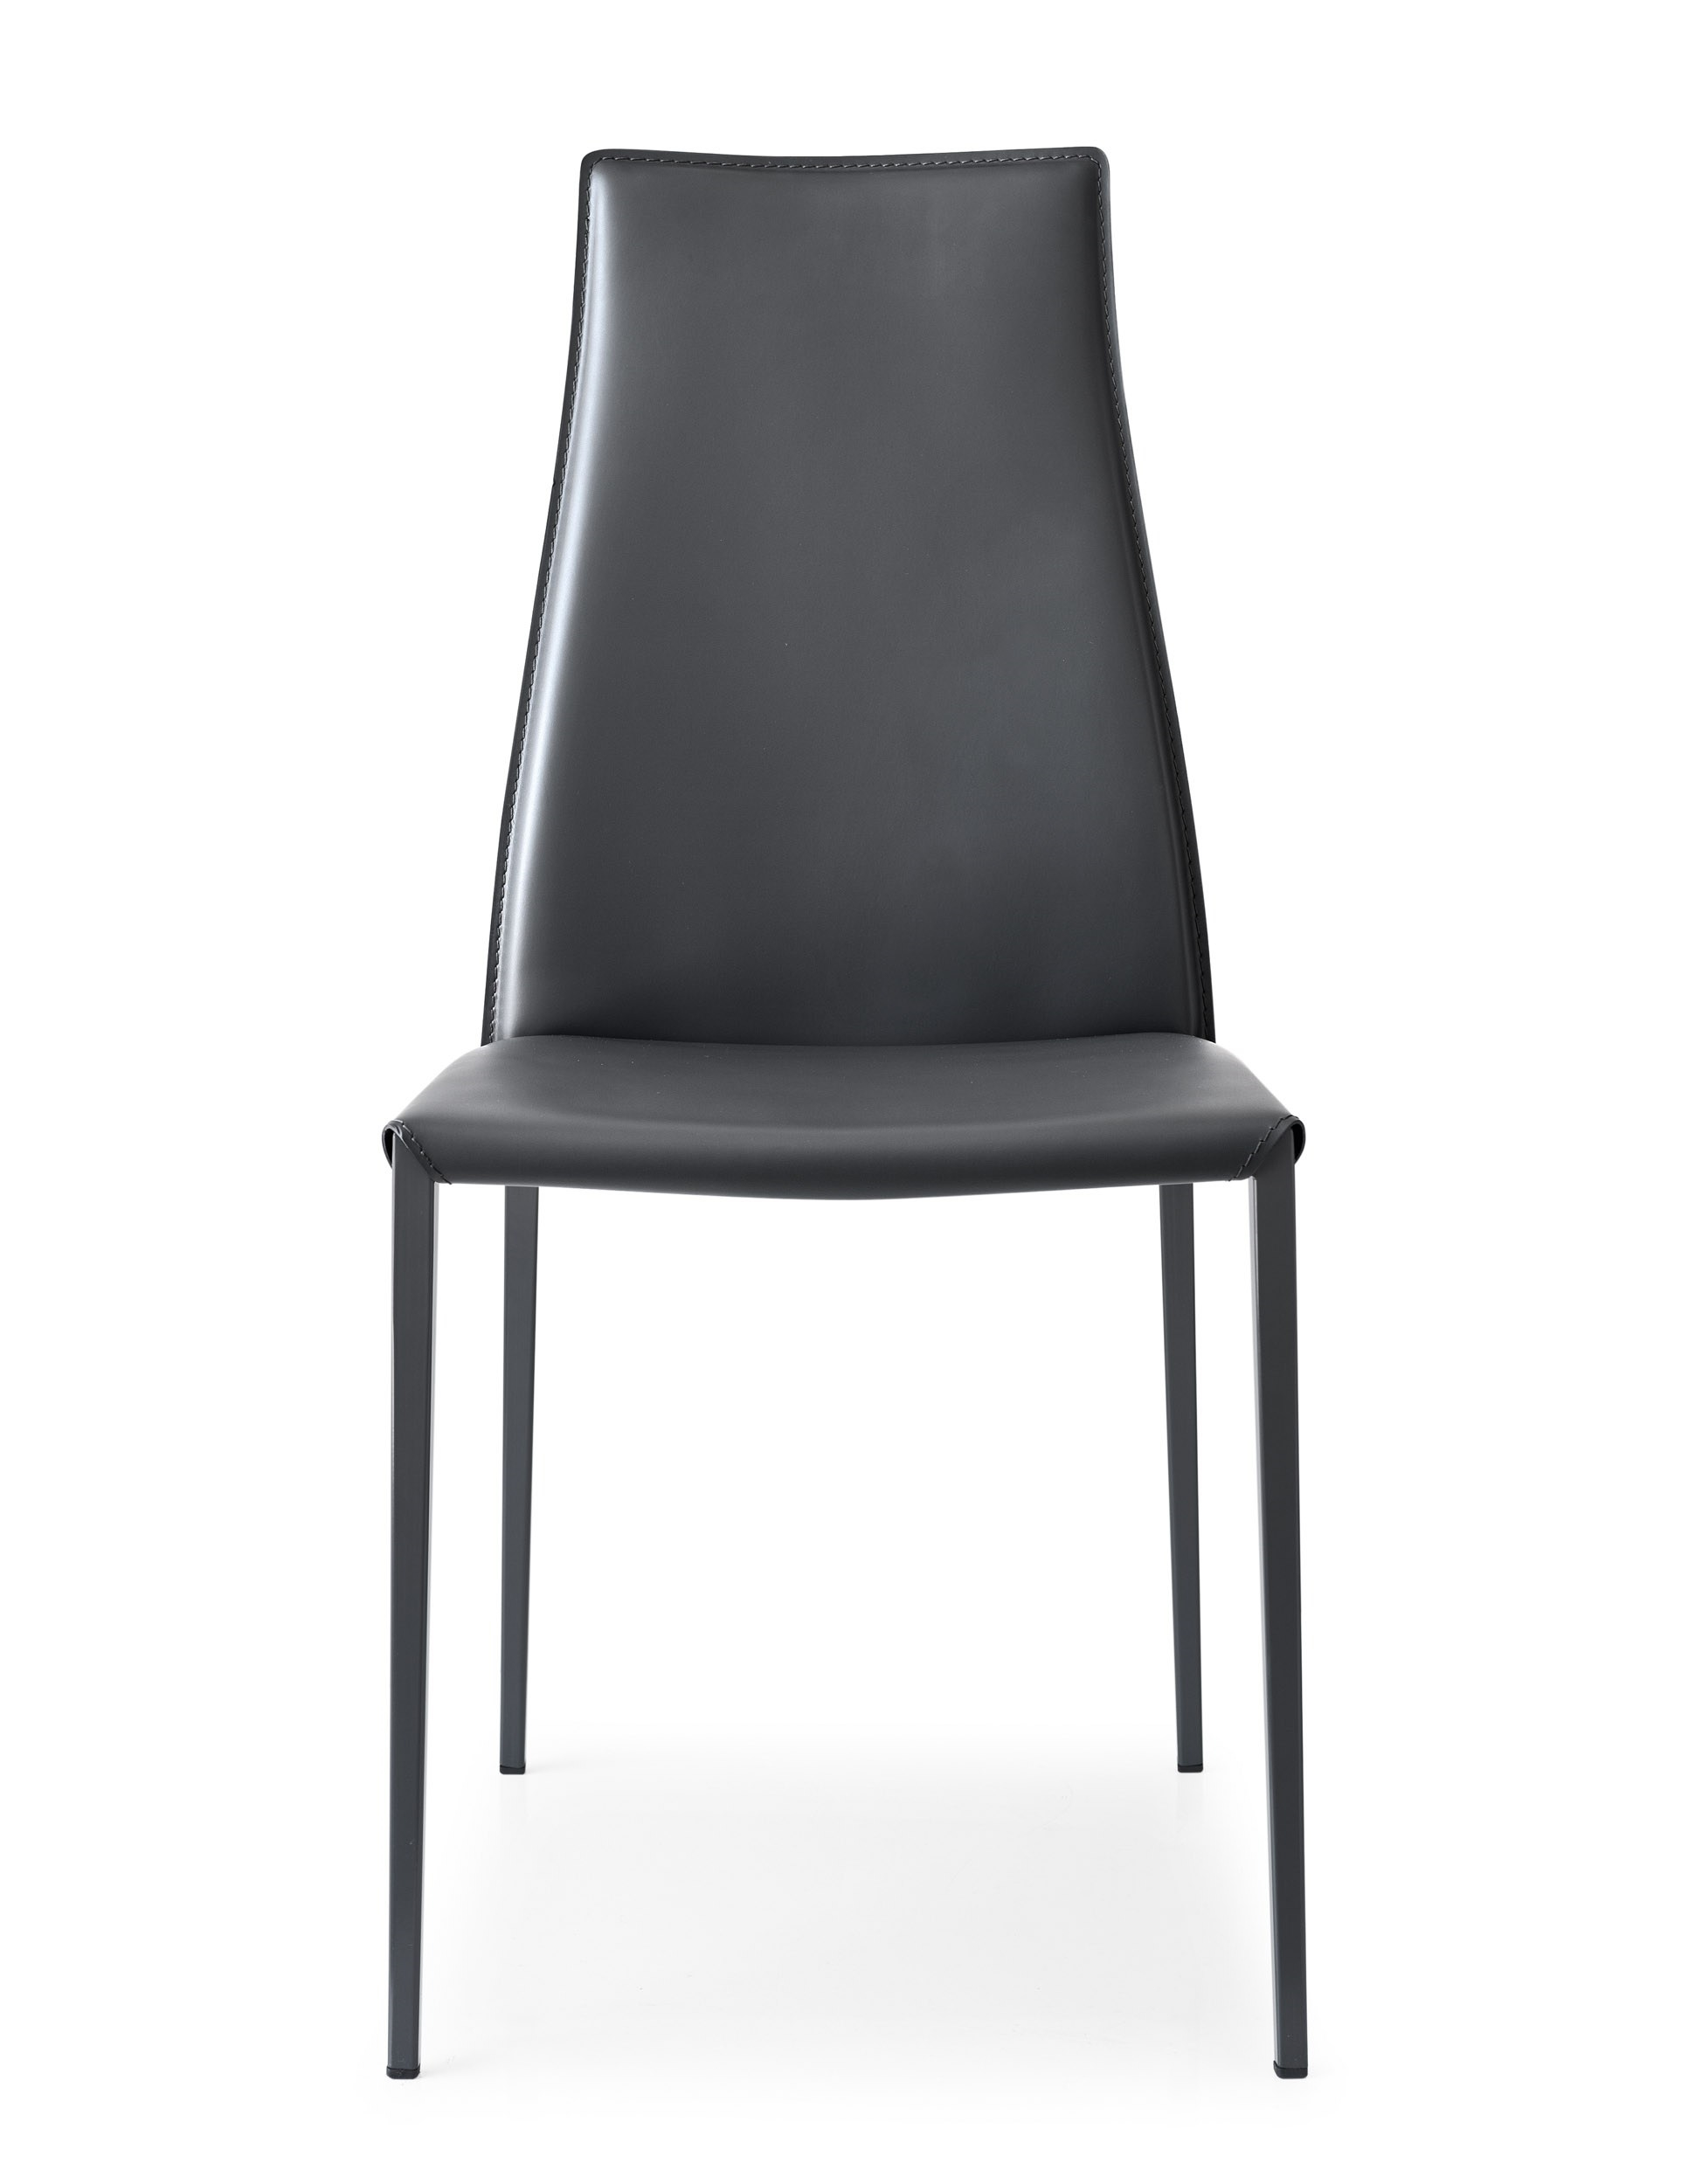 Sedia calligaris aida scontato del 35 sedie a prezzi for Sedie e tavoli calligaris prezzi